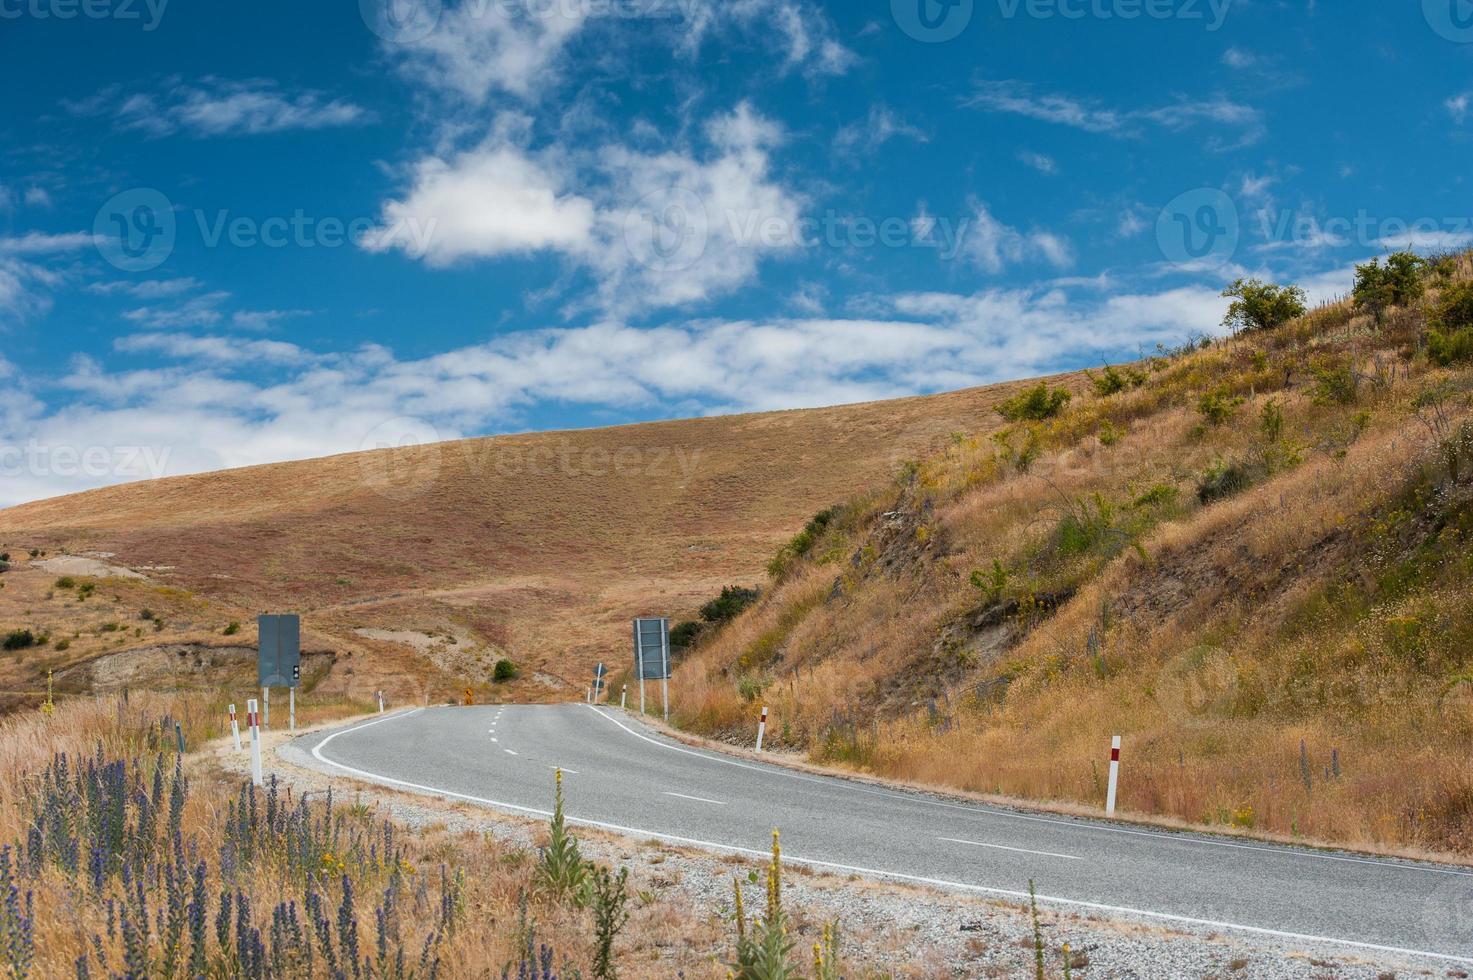 route courbe vers le ciel bleu photo